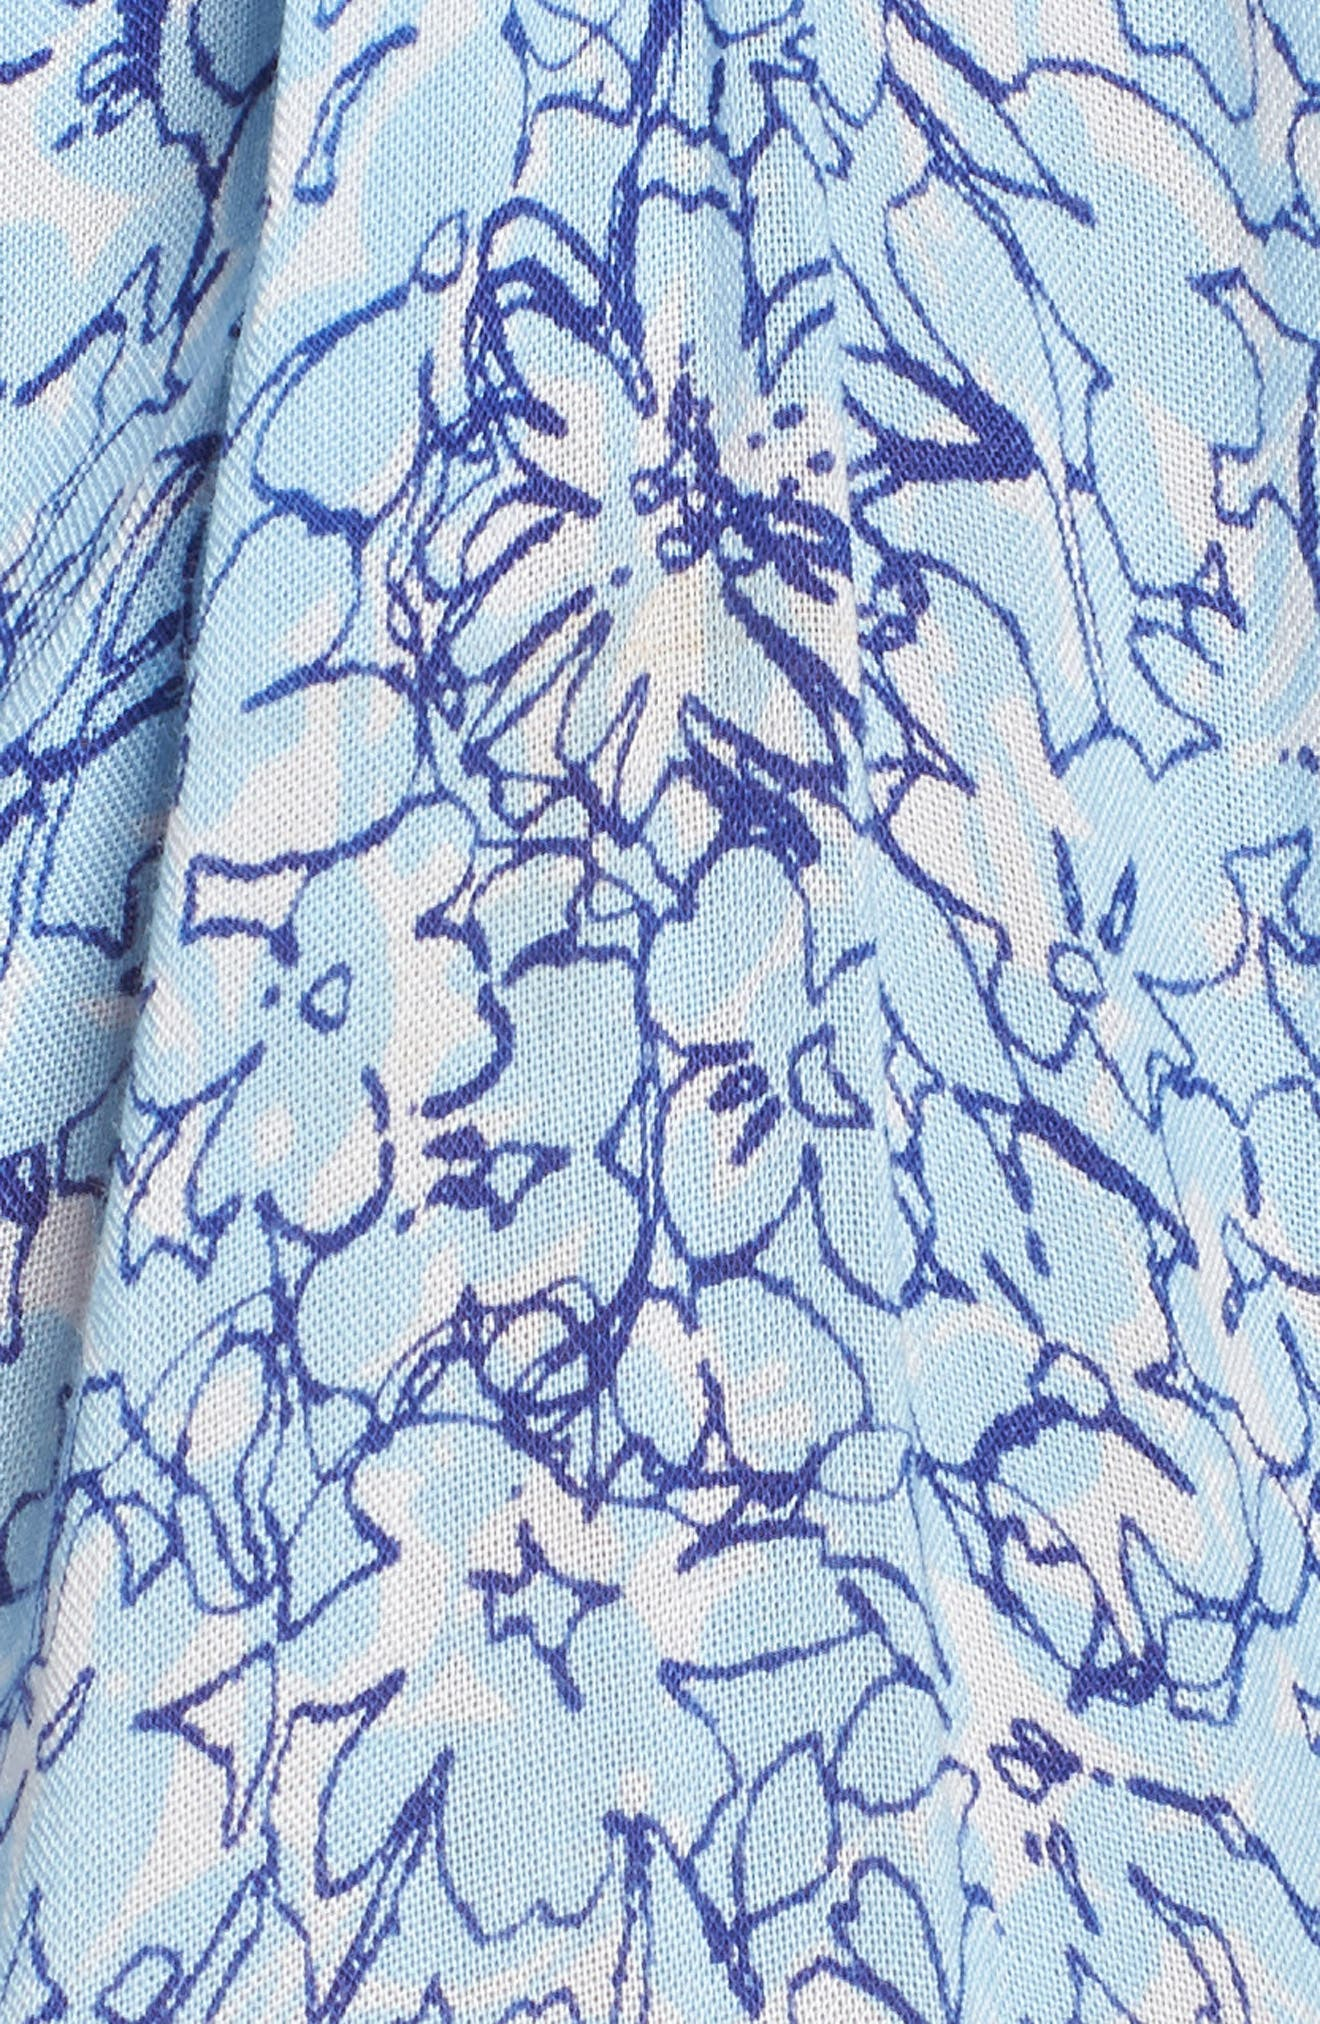 Poupette St. Barth Beline Cover-Up Dress,                             Alternate thumbnail 5, color,                             BLUE JOY